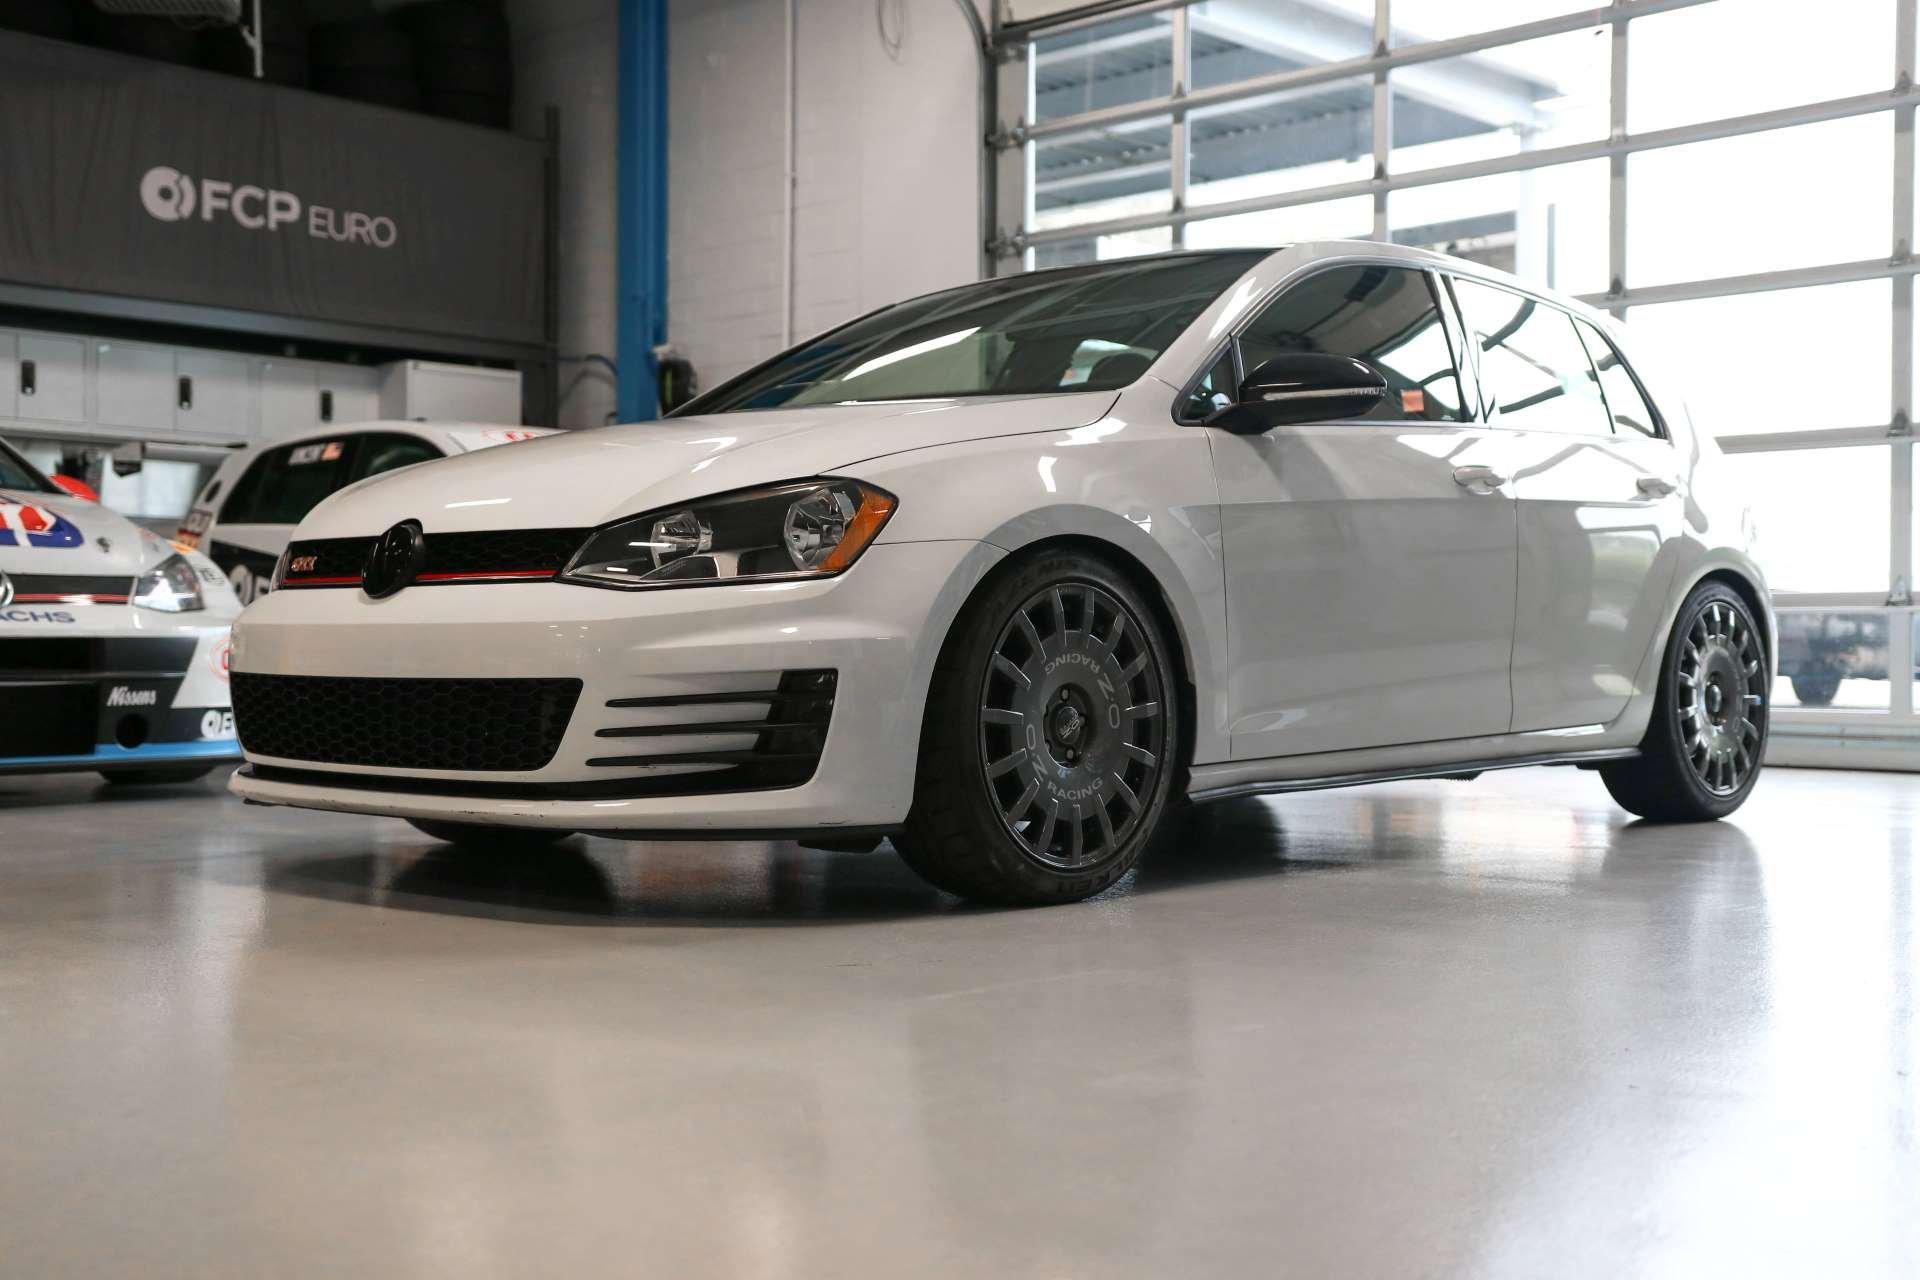 Best FWD Under $25k Volkswagen GTI Mk7 front three-quarter